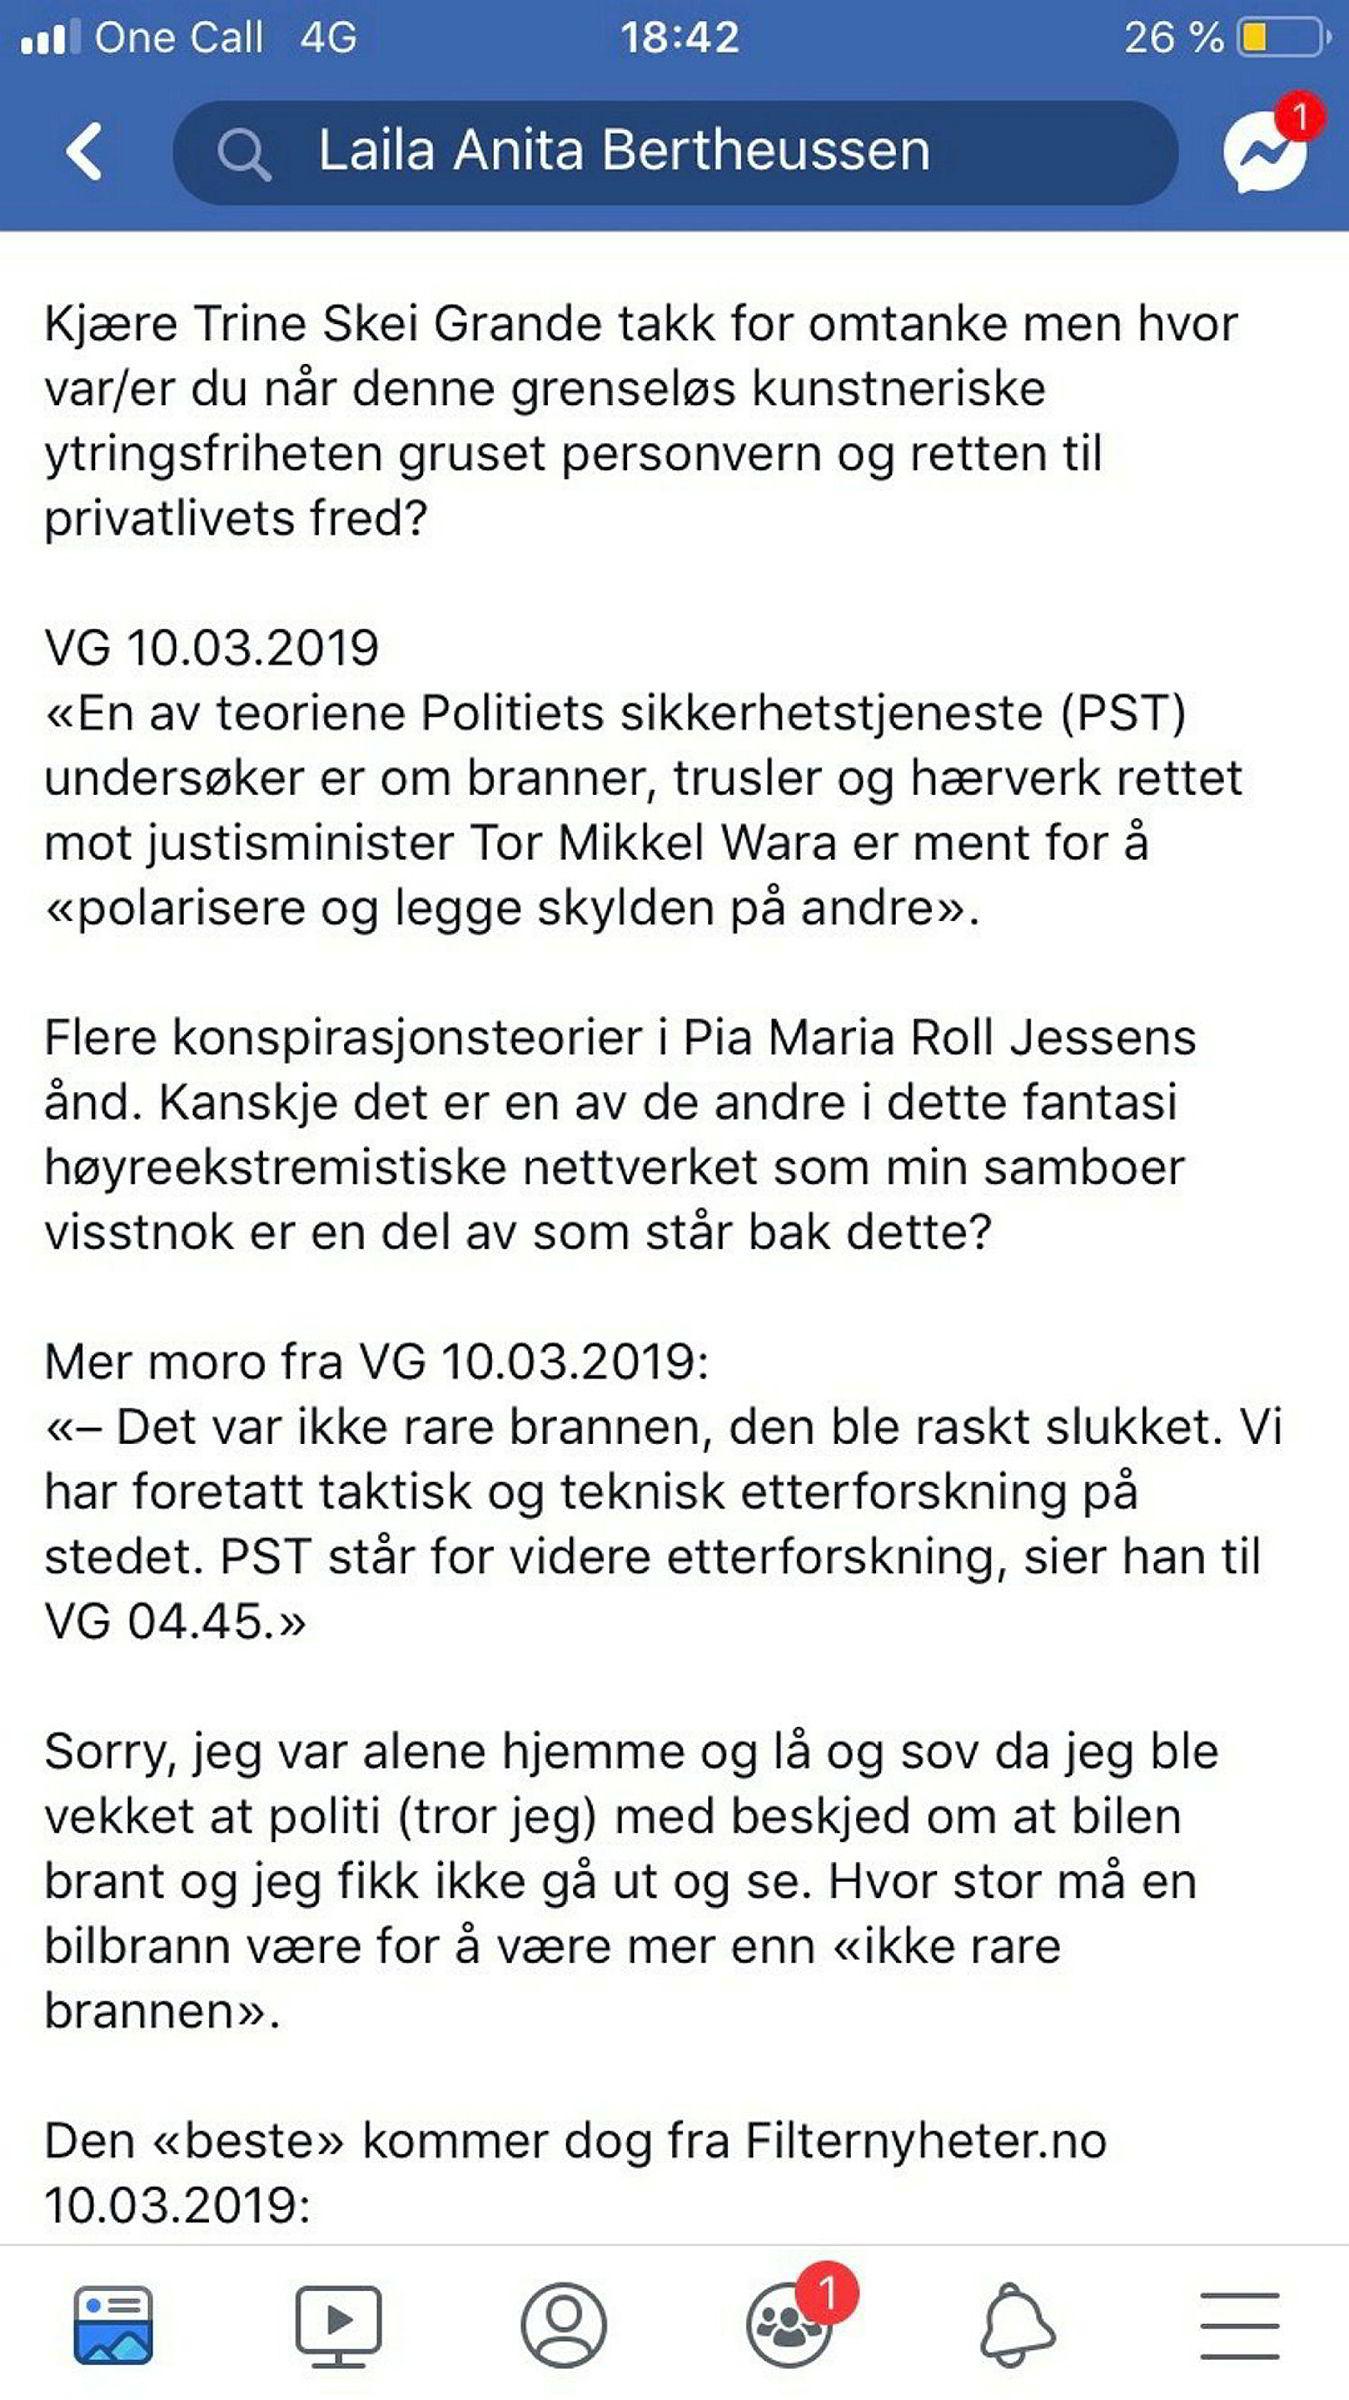 Dette publiserte Bertheussen på sin Facebook-side mandag 11 mars, en dag etter at politiet rykket ut til Wara sin påtente bil. Et forhold som Berheussen ble pågrepet og siket for torsdag. Denne Facebook-posten er nå slettet.